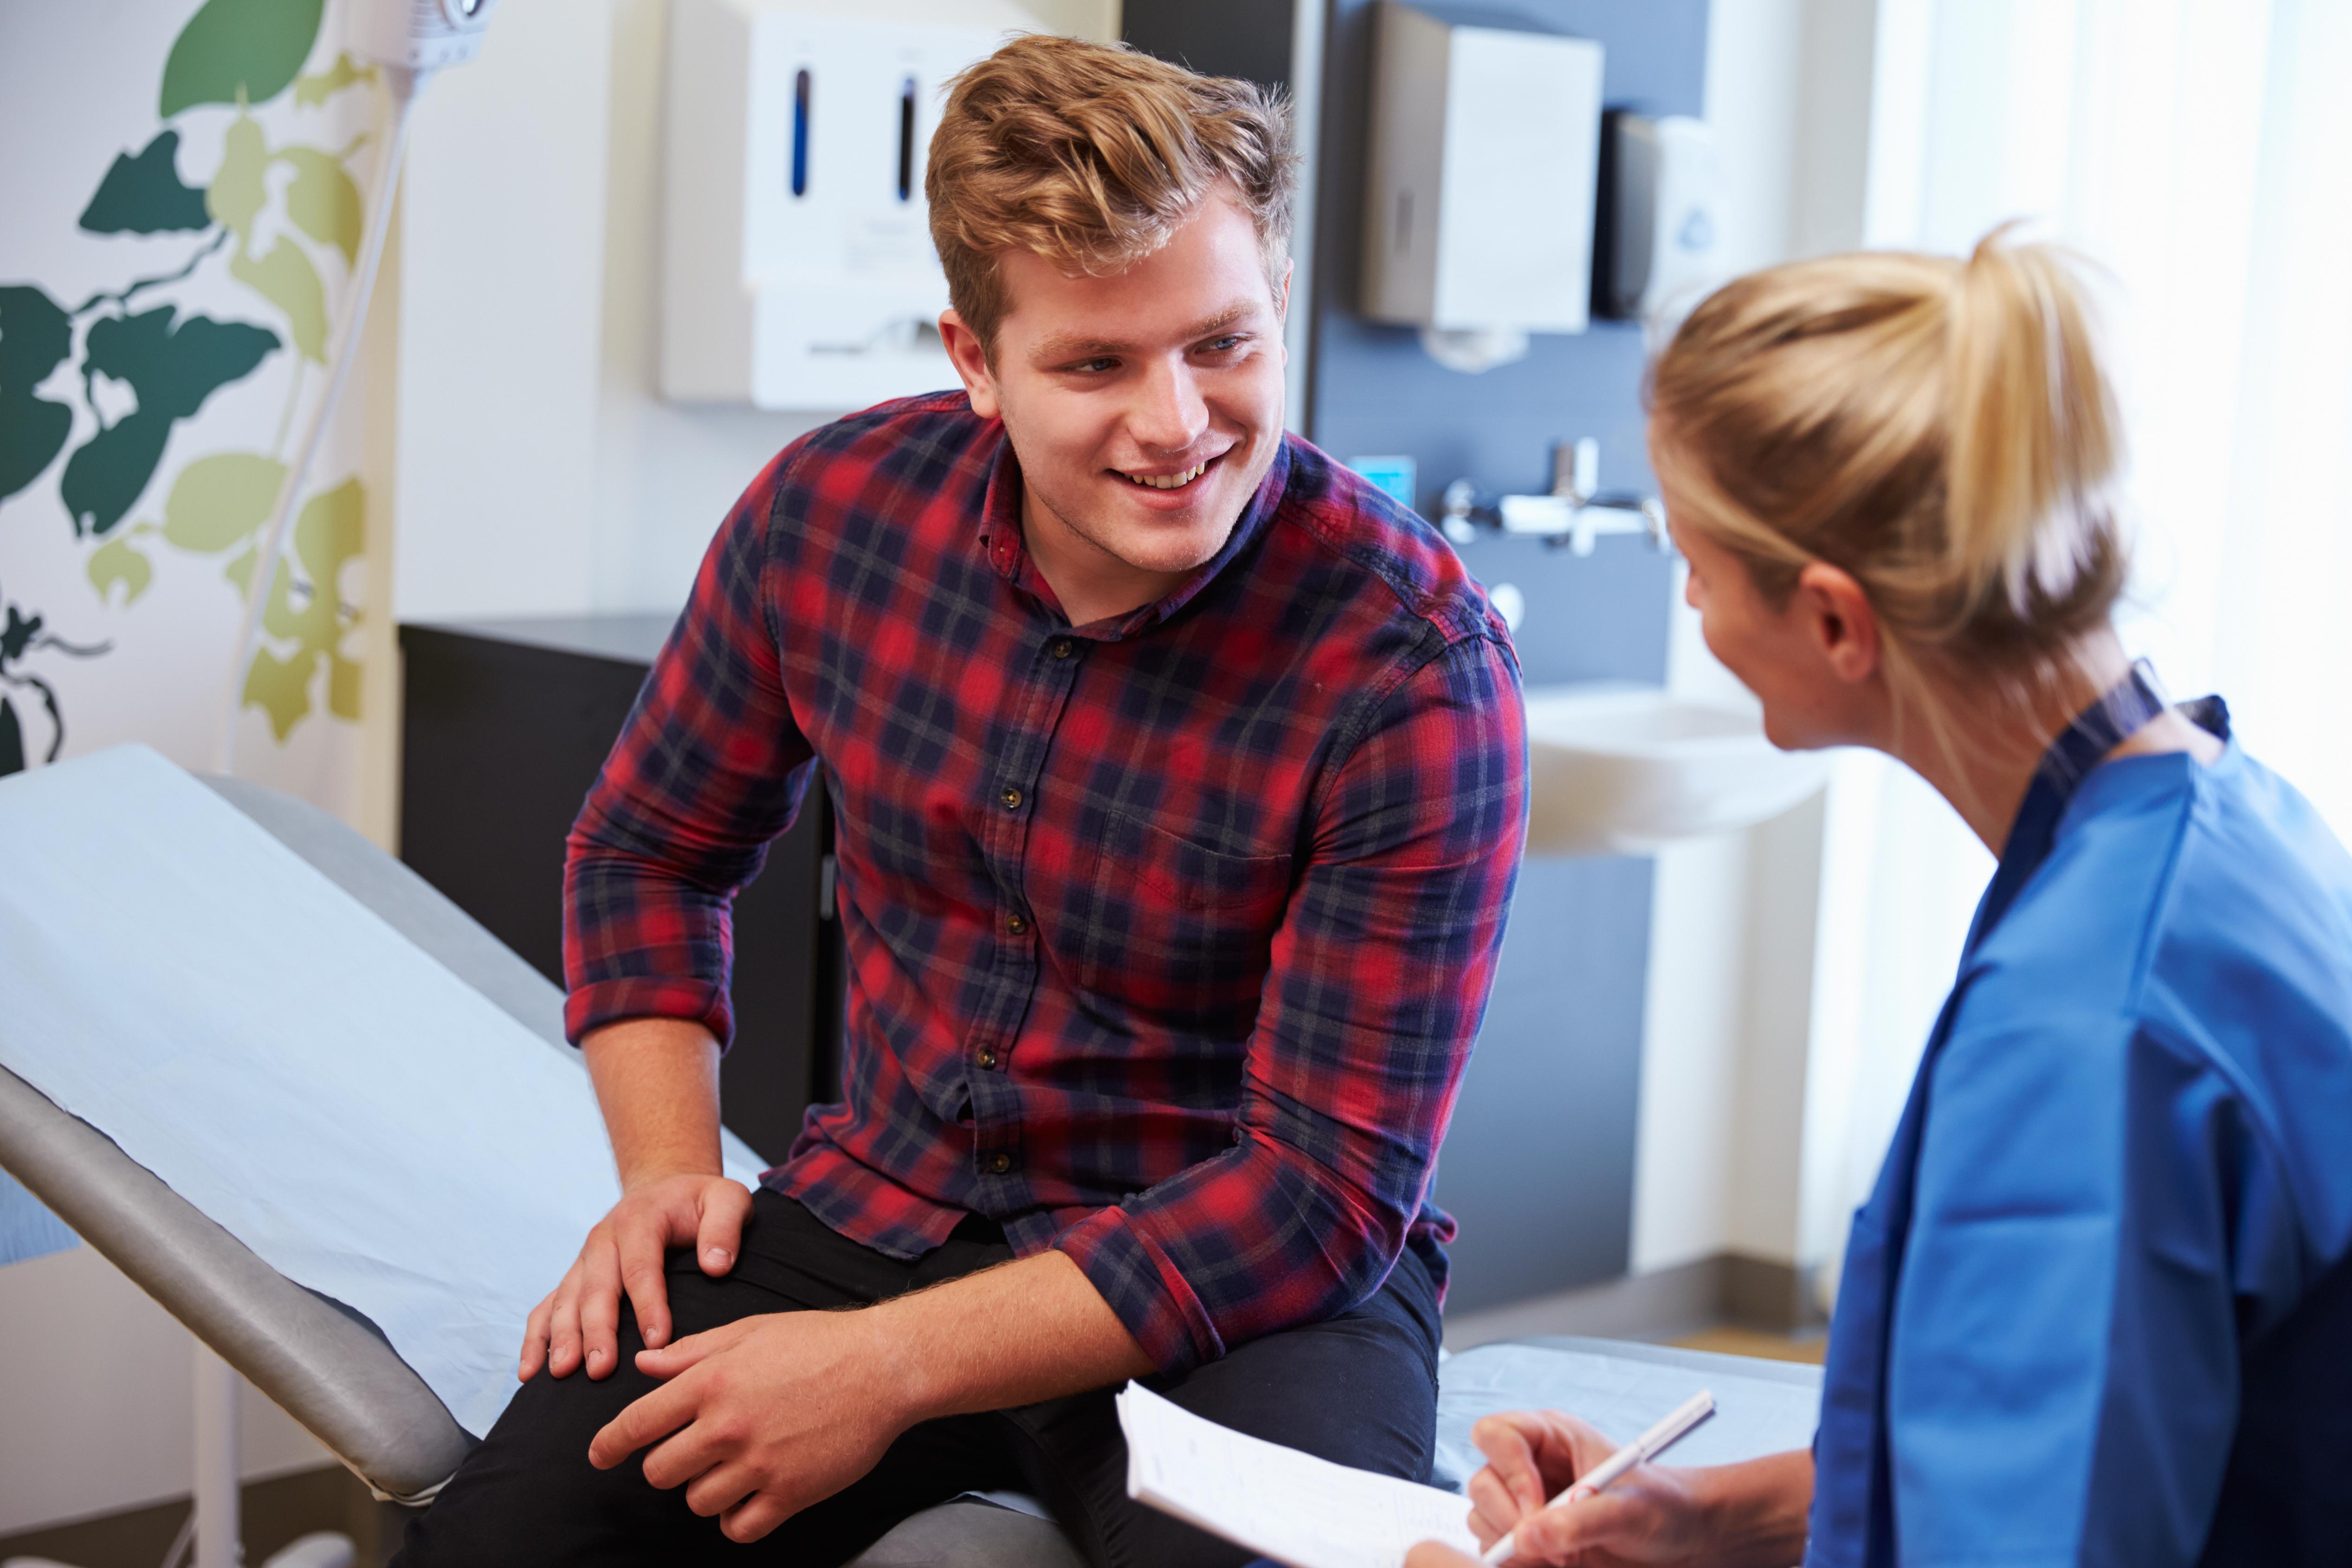 En privat sjukvårdsförsäkring är ofta ganska omfattande och innebär allt från sjukvårdsrådgivning till vårdplanering och specialistvård.